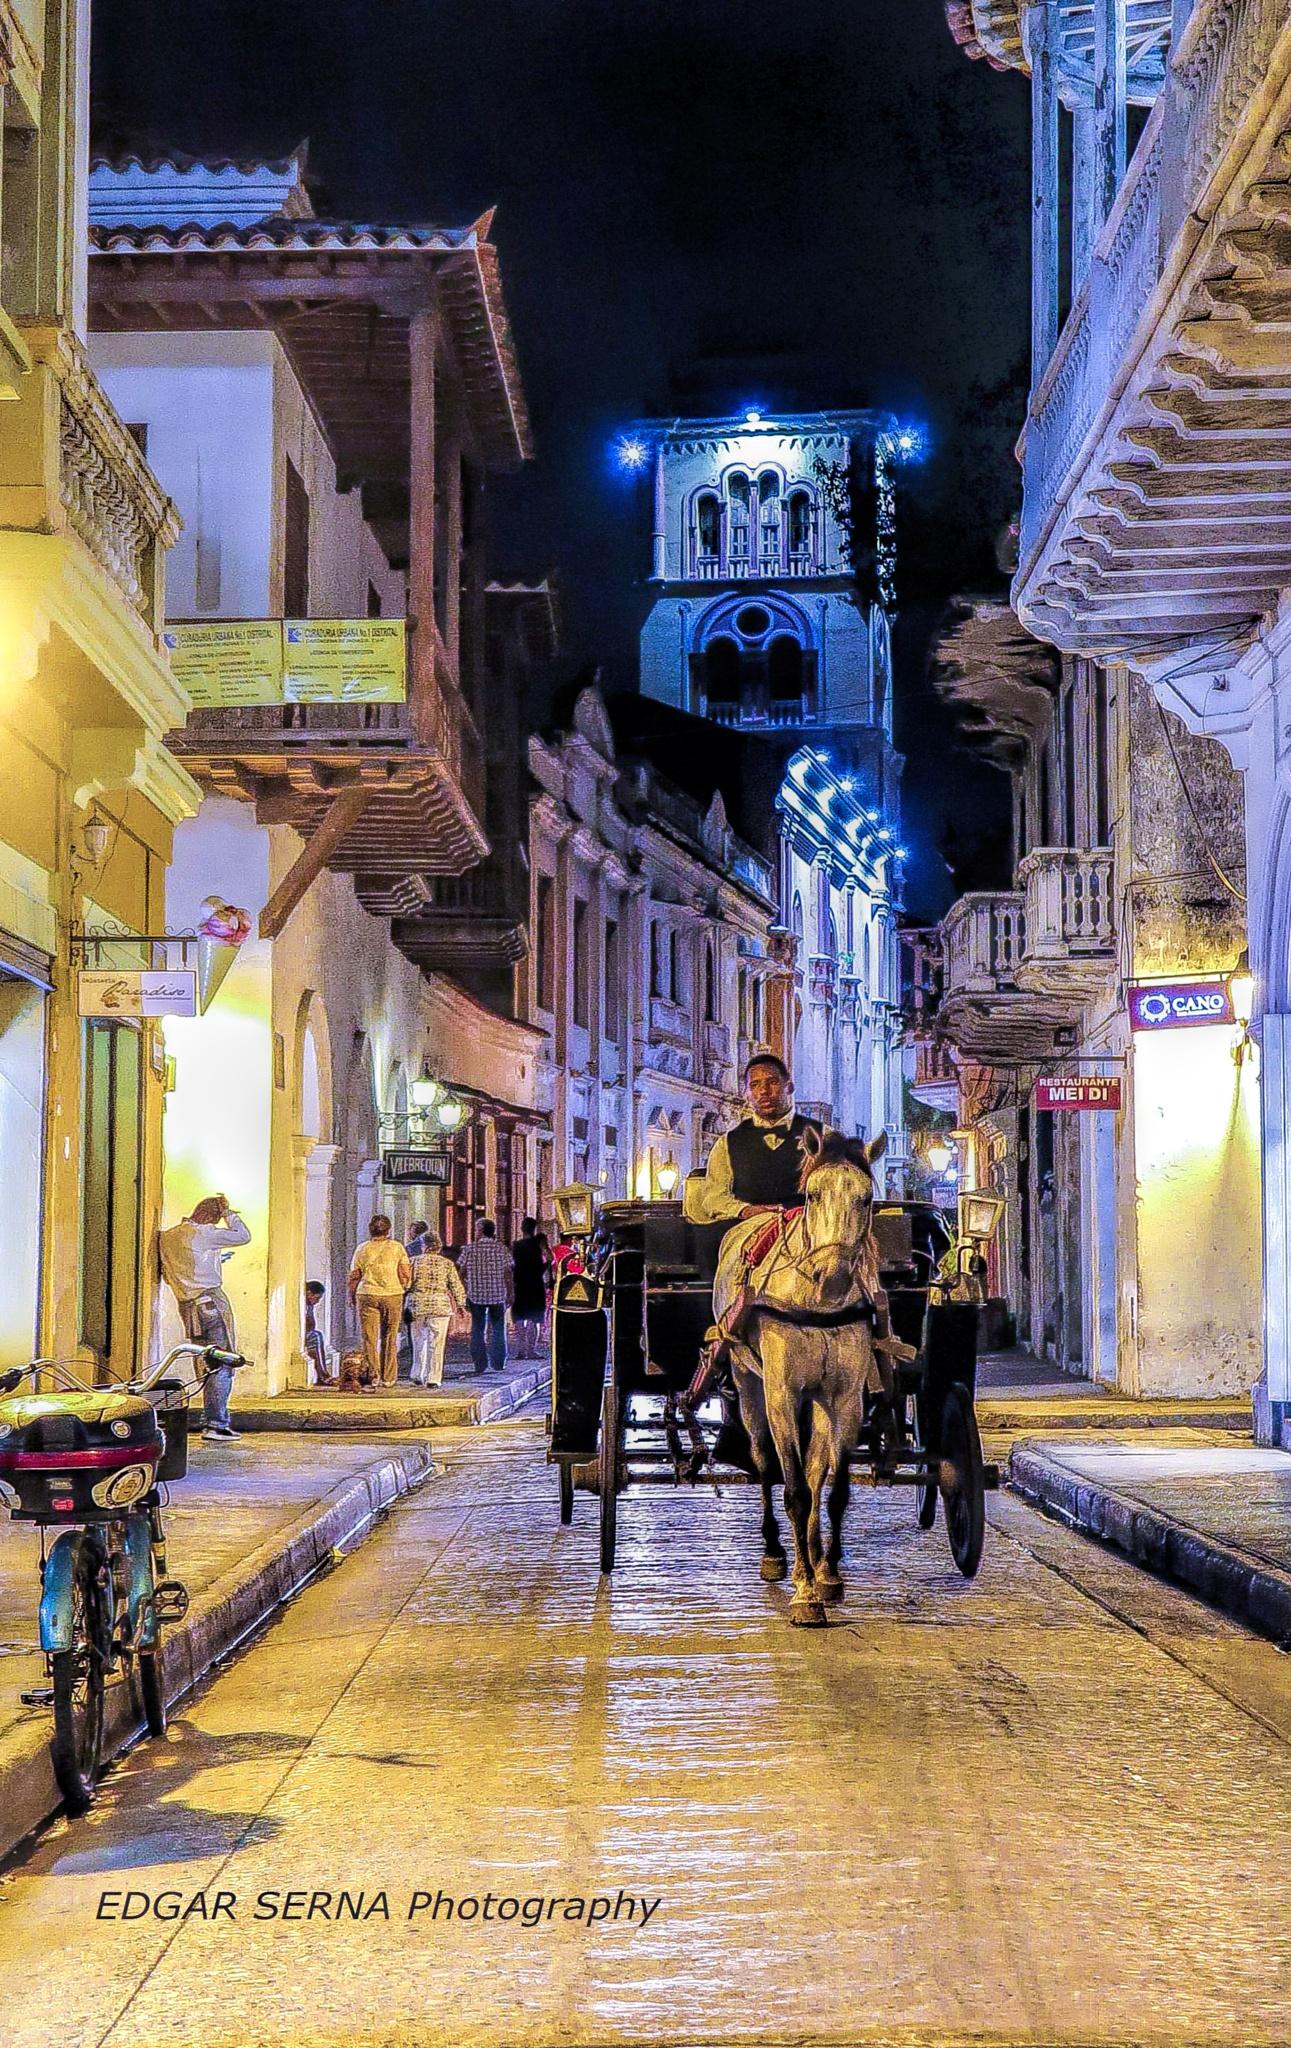 Cartagena's street by Edgar Serna